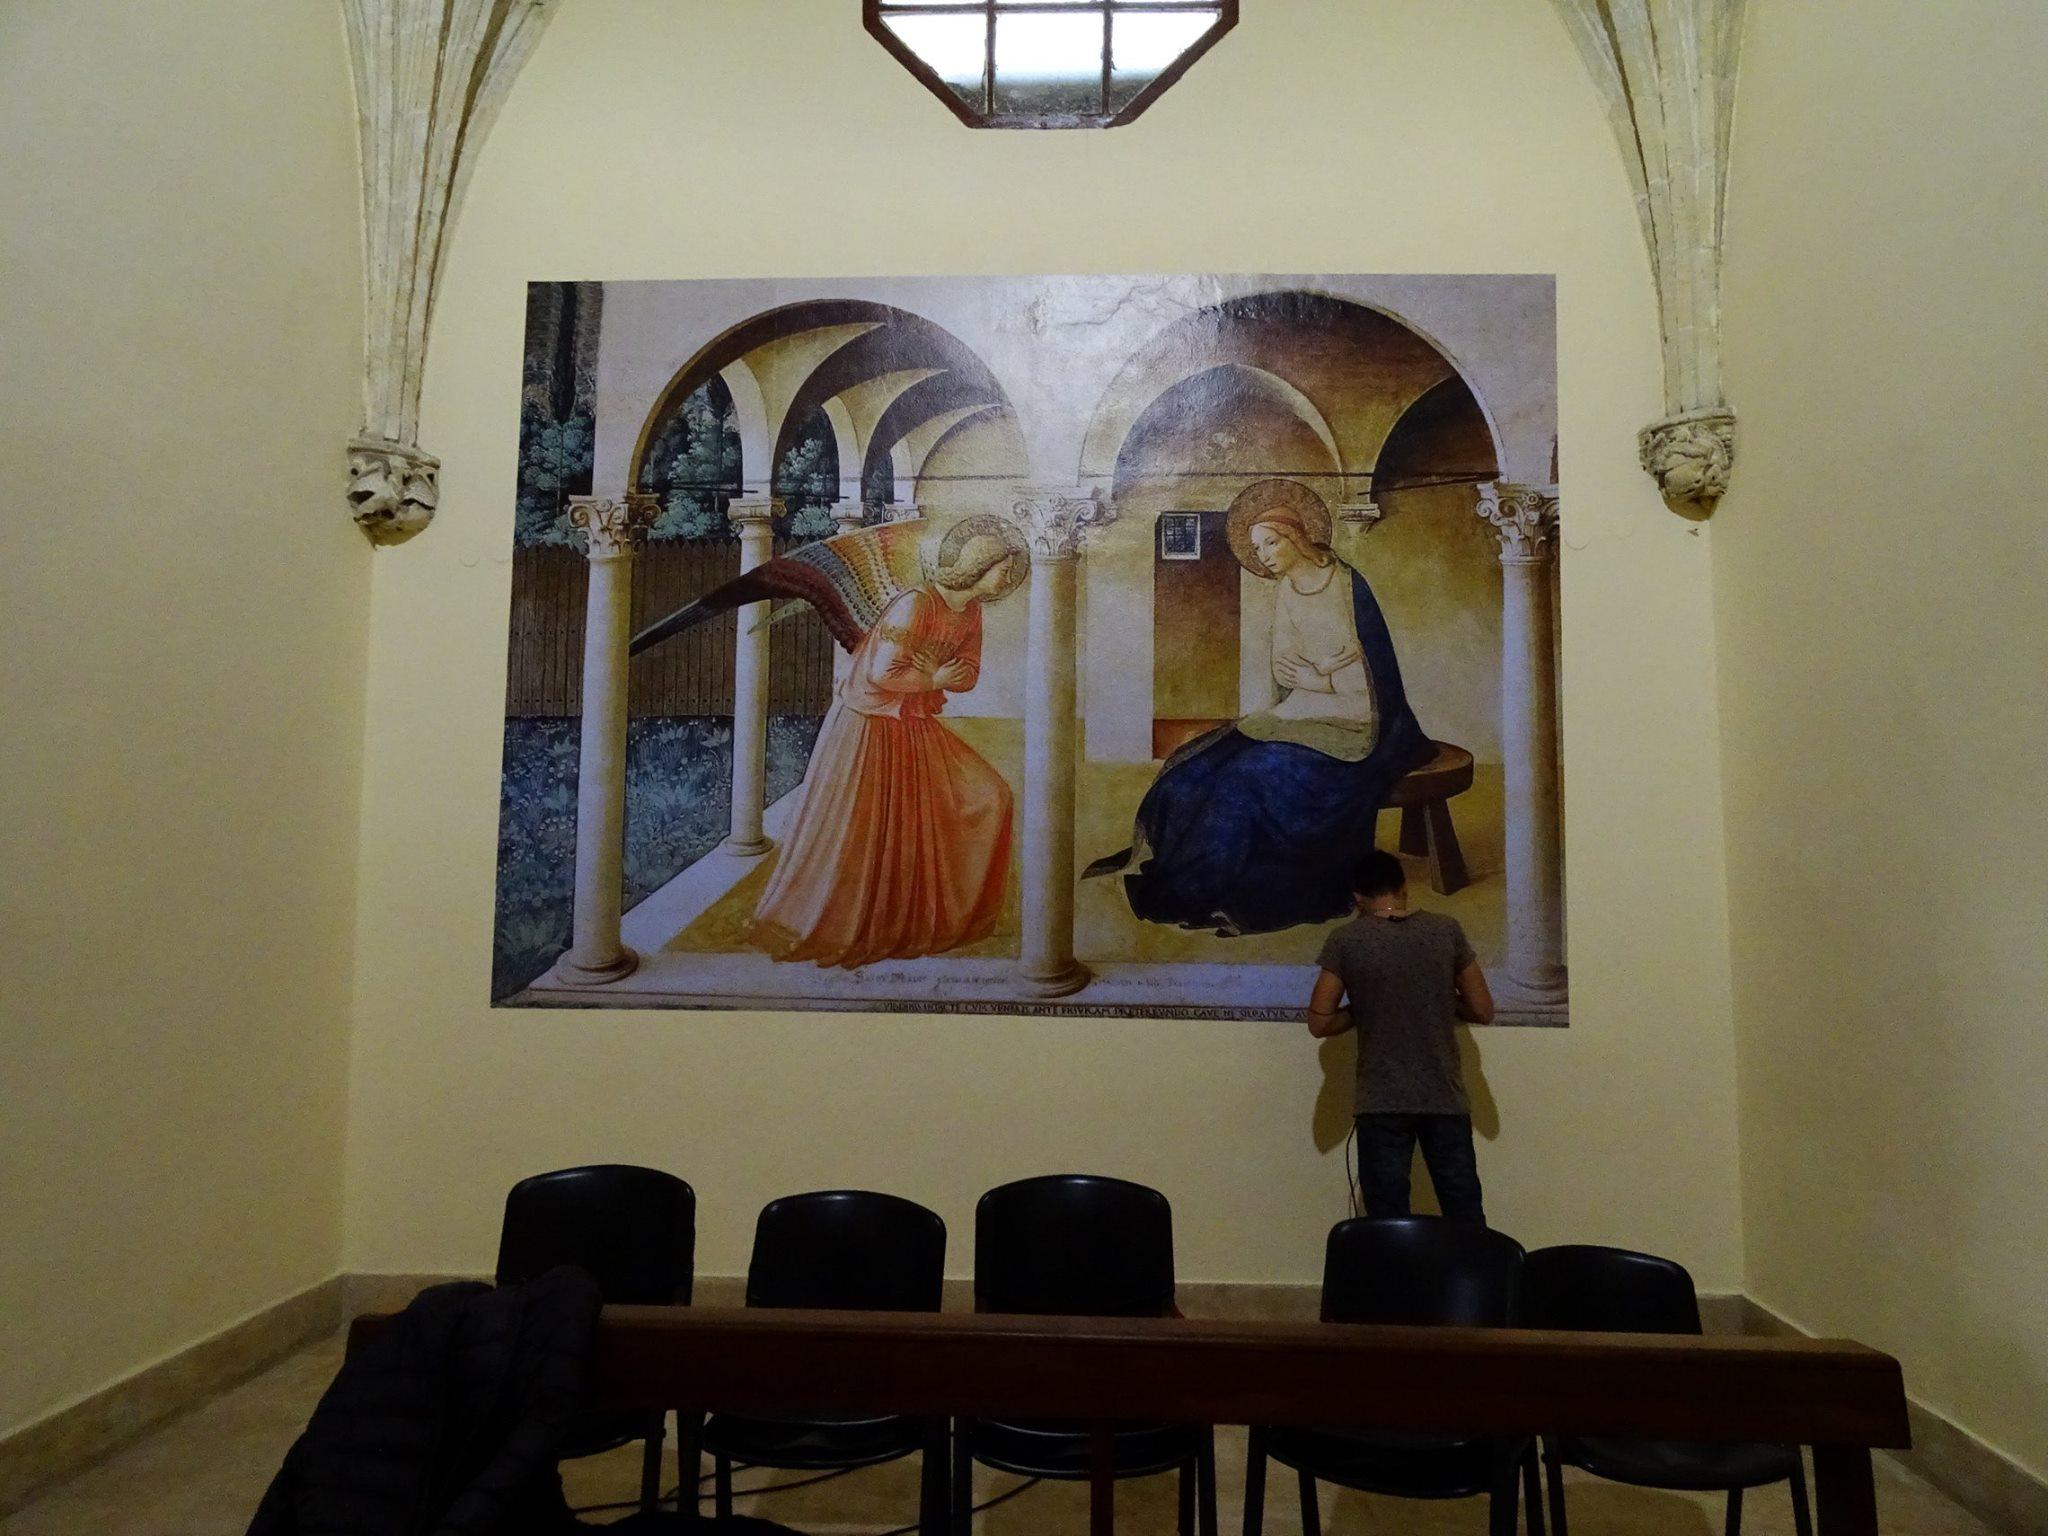 chiesa-affresco-pellicola-per-muro-wall-paper-wall-wrapping